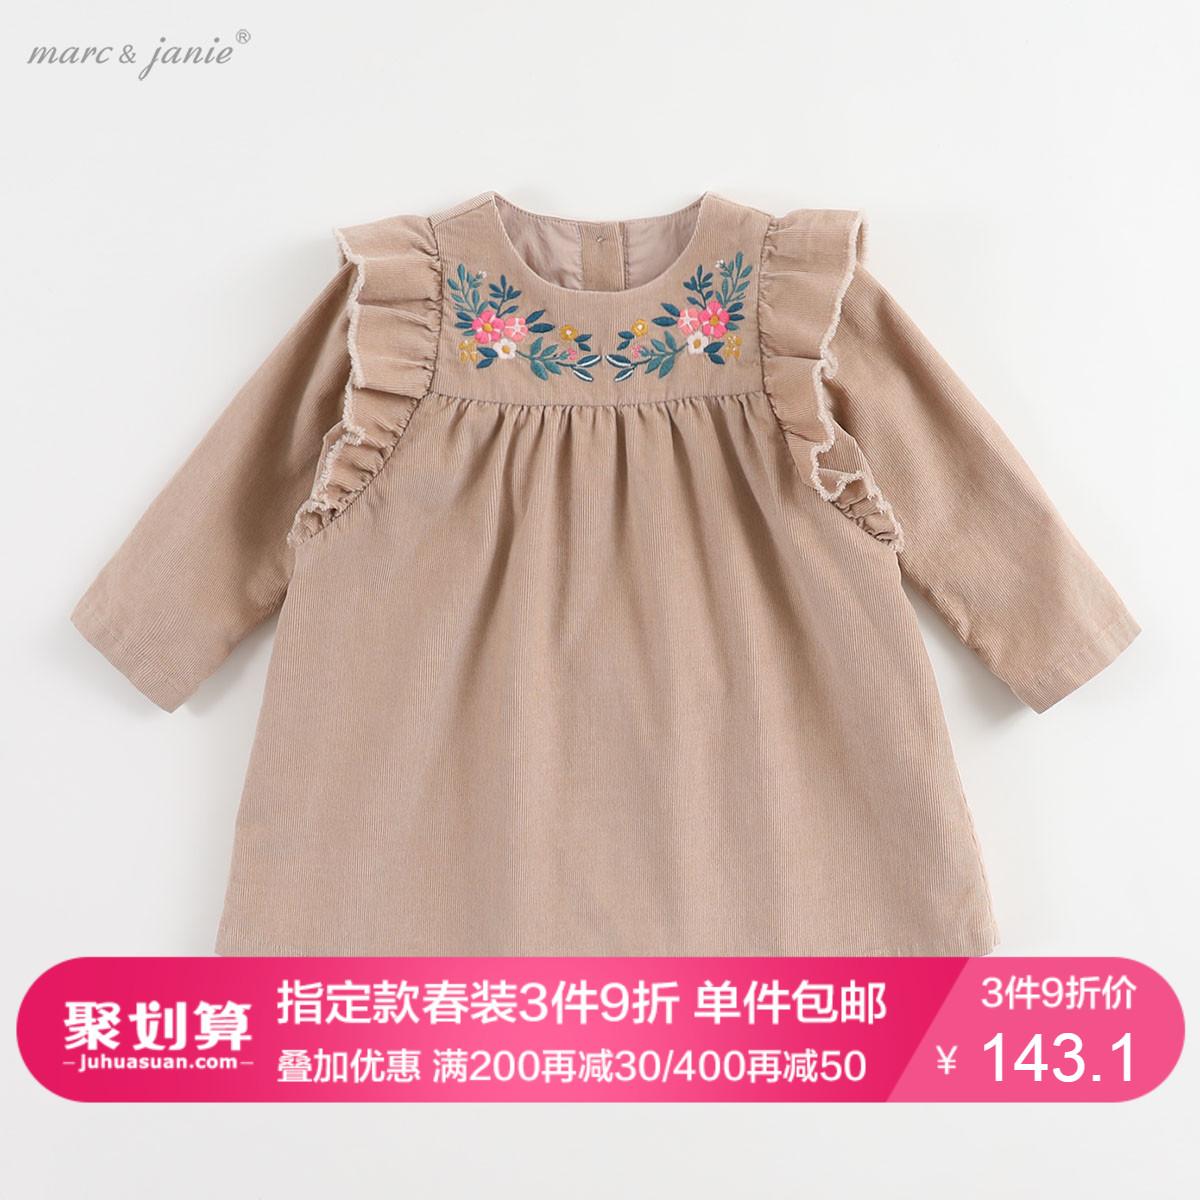 Mark Jenny Spring Wear Children Girls Corduroy Dress Dress Baby Long Váy Váy 91512 - Váy